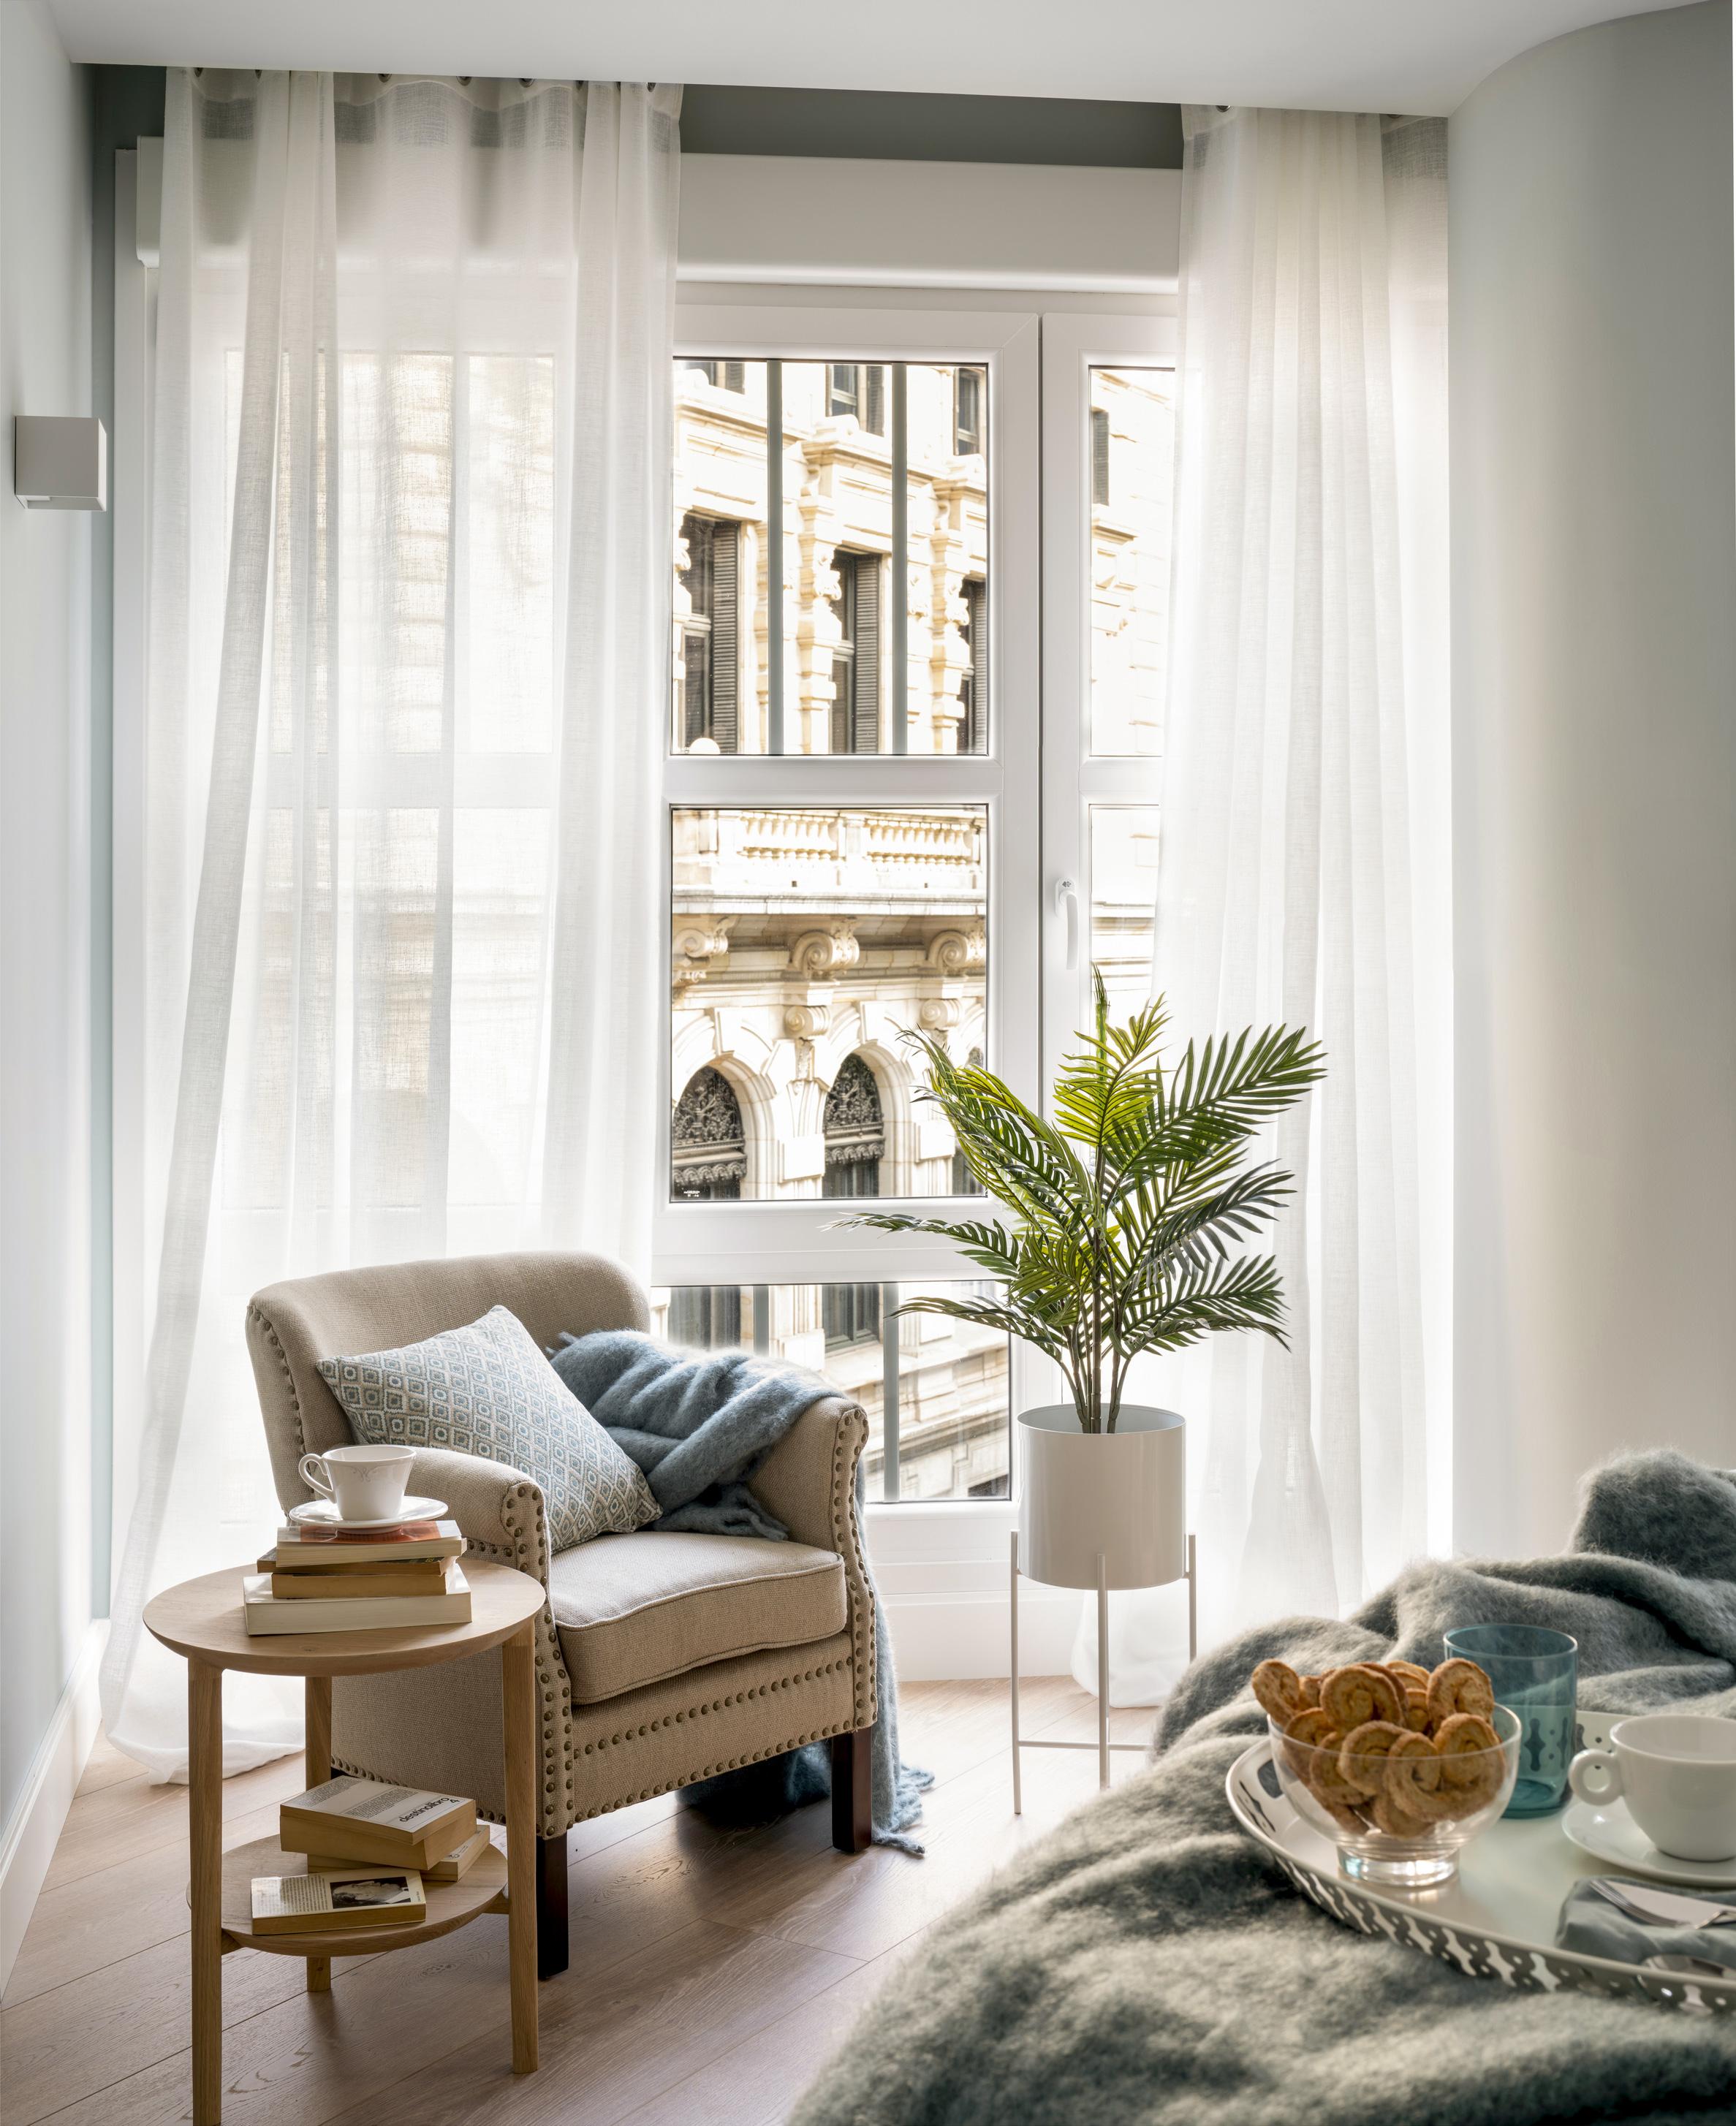 Diseño de zona de estar en dormitorio - Sube Interiorismo